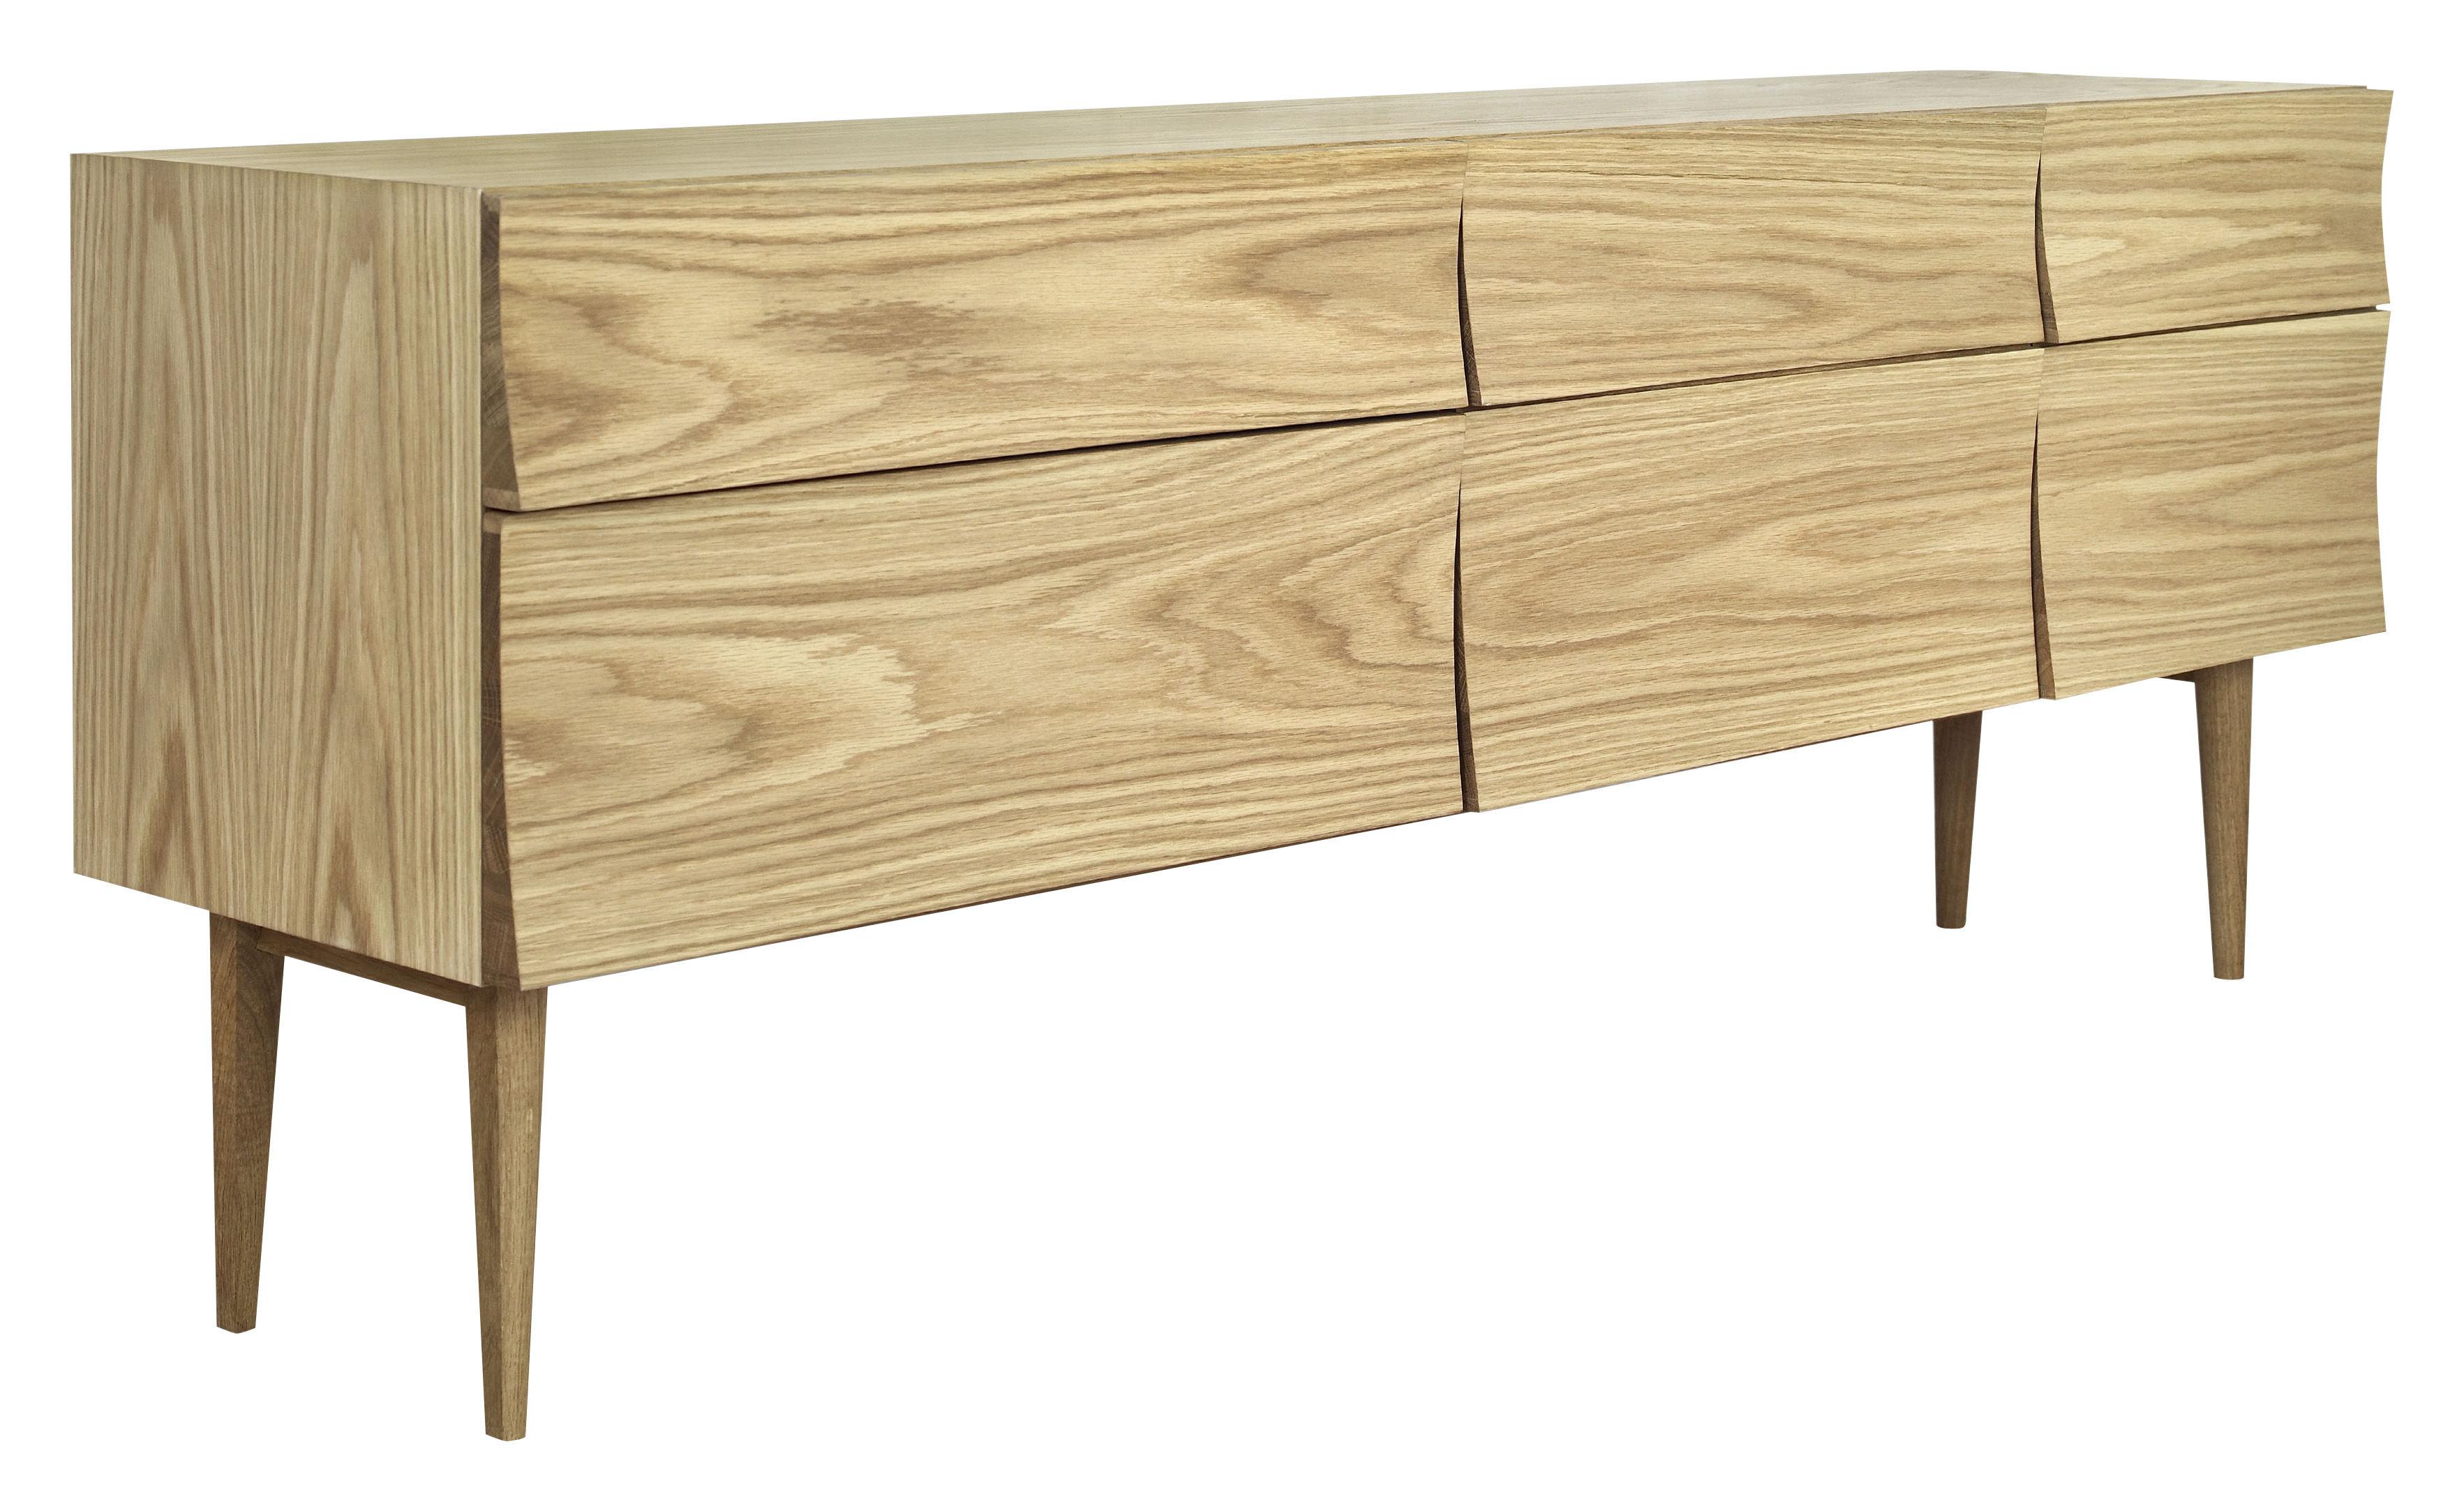 Möbel - Kommode und Anrichte - Reflect Large Anrichte - Muuto - Eiche - Eiche